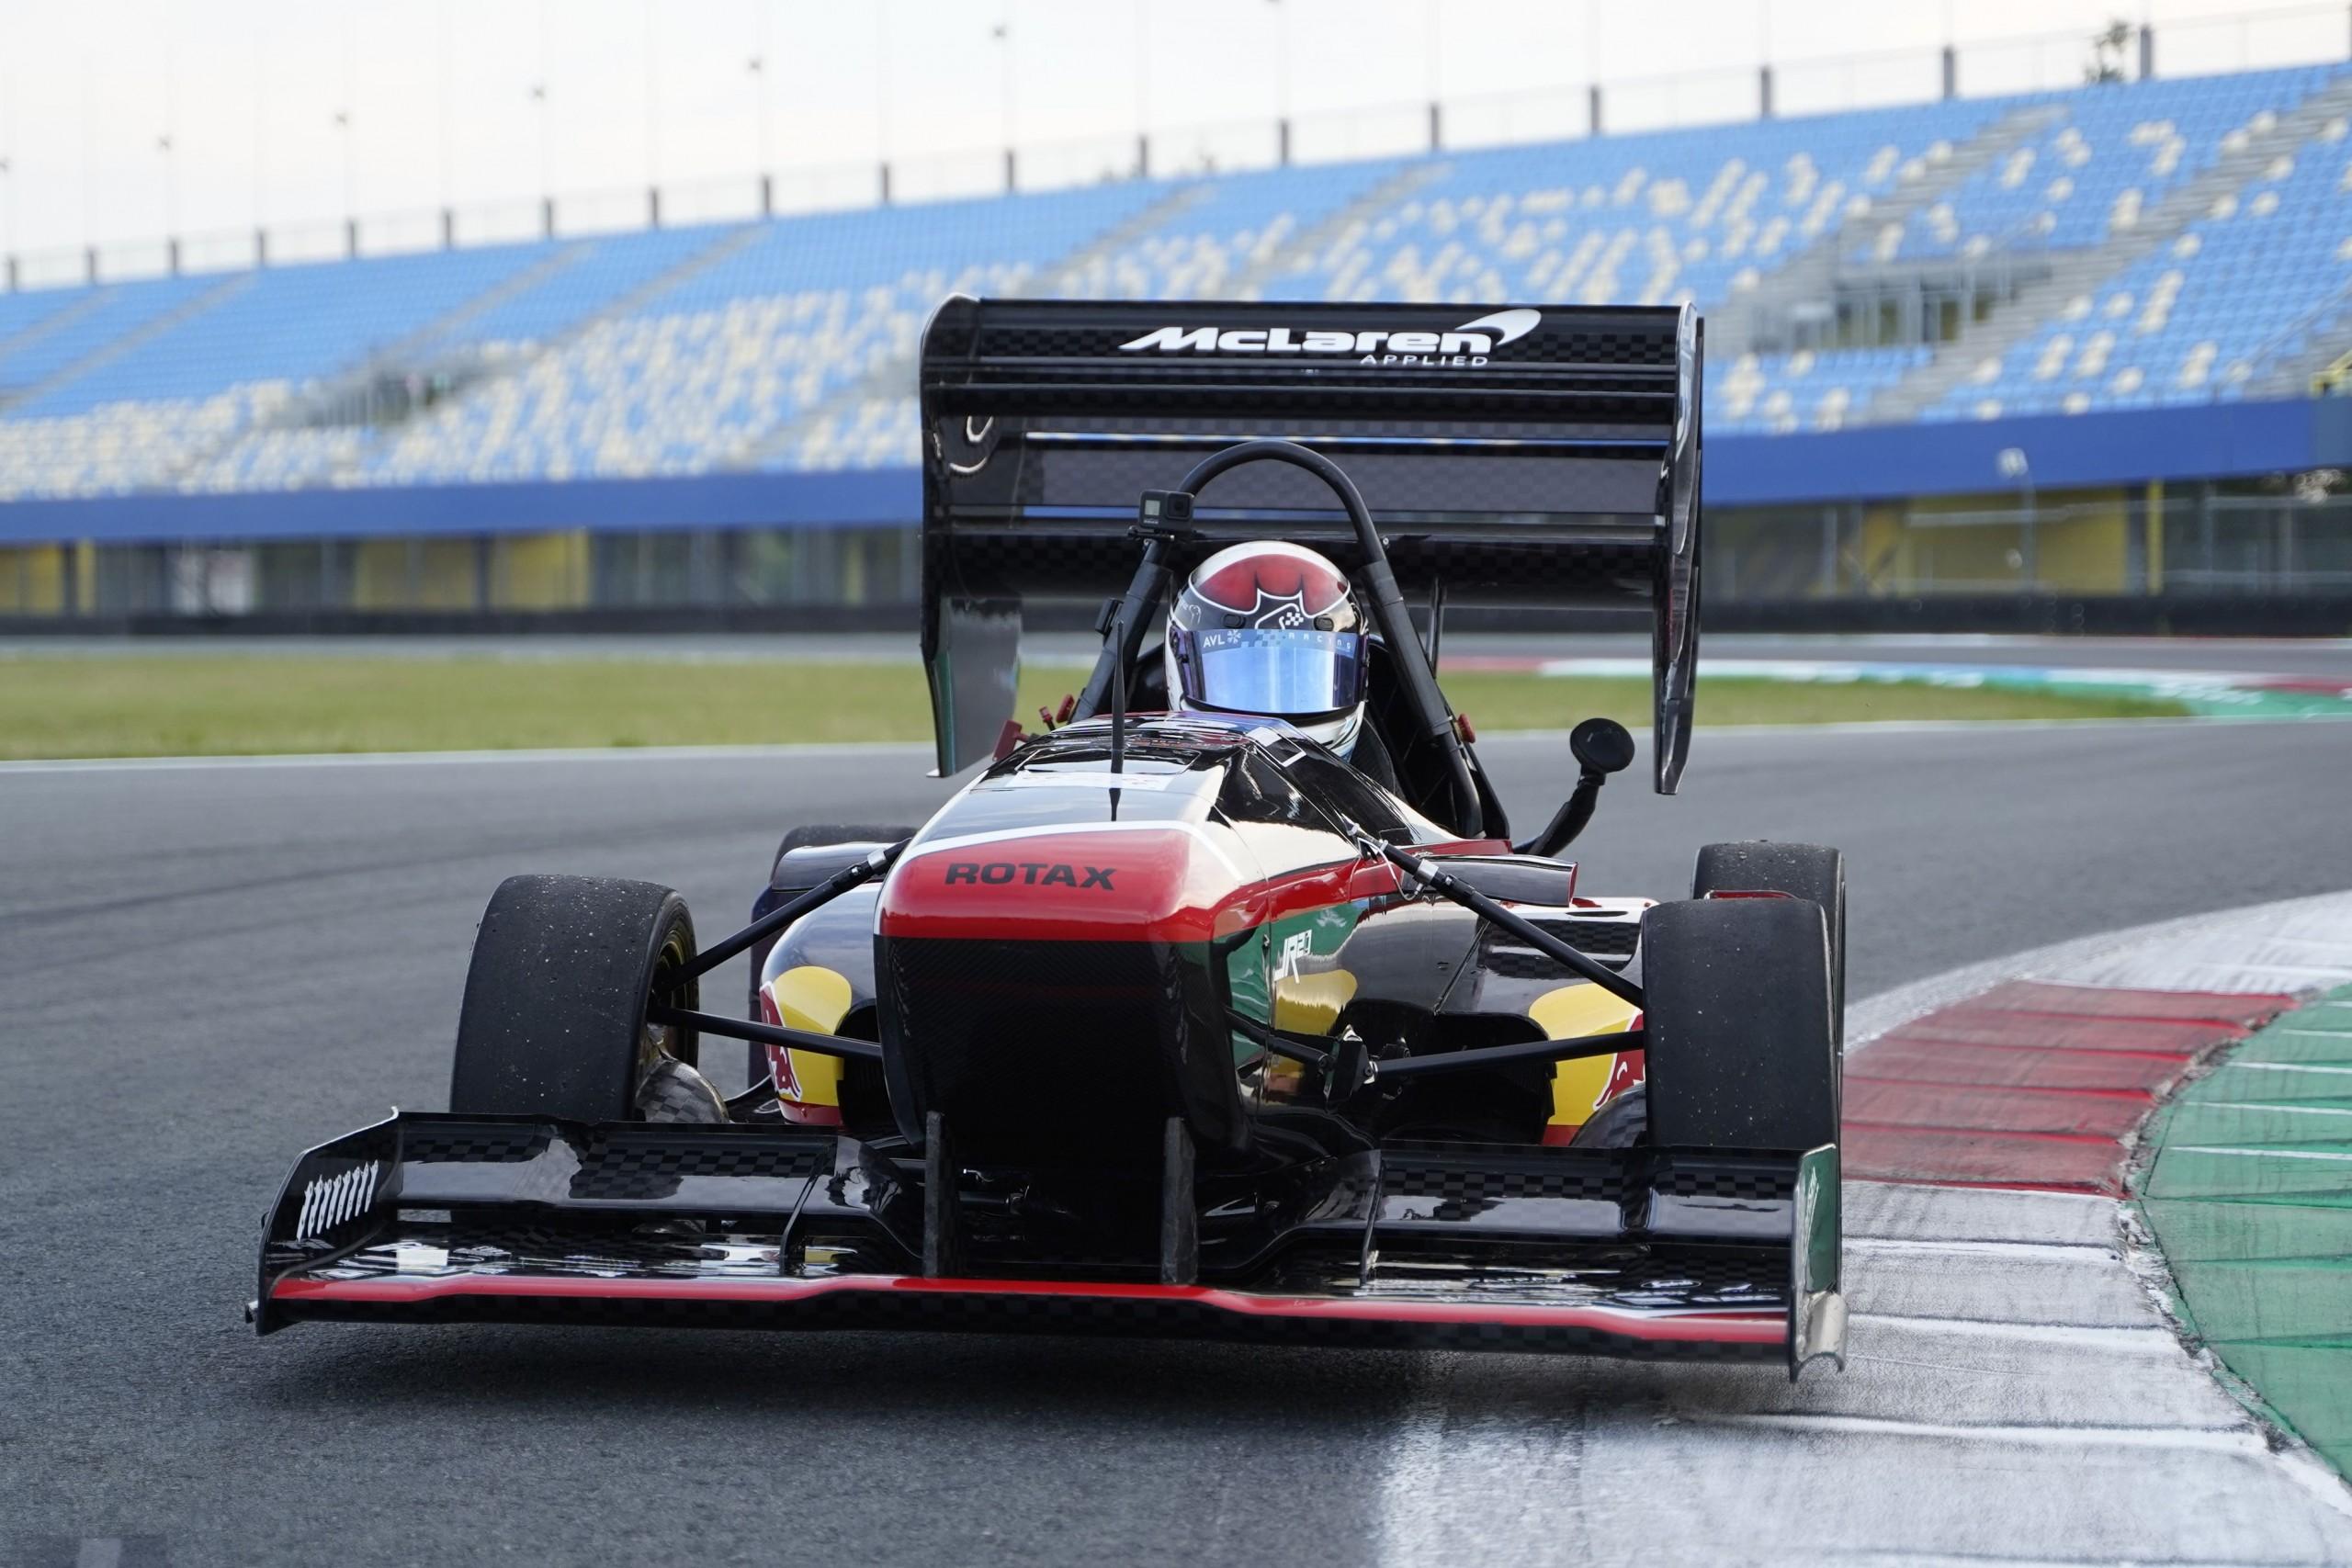 Der jr21 besticht vor allem mit Gewichtsreduktion und verbesserter Aero. Foto: joanneum racing graz